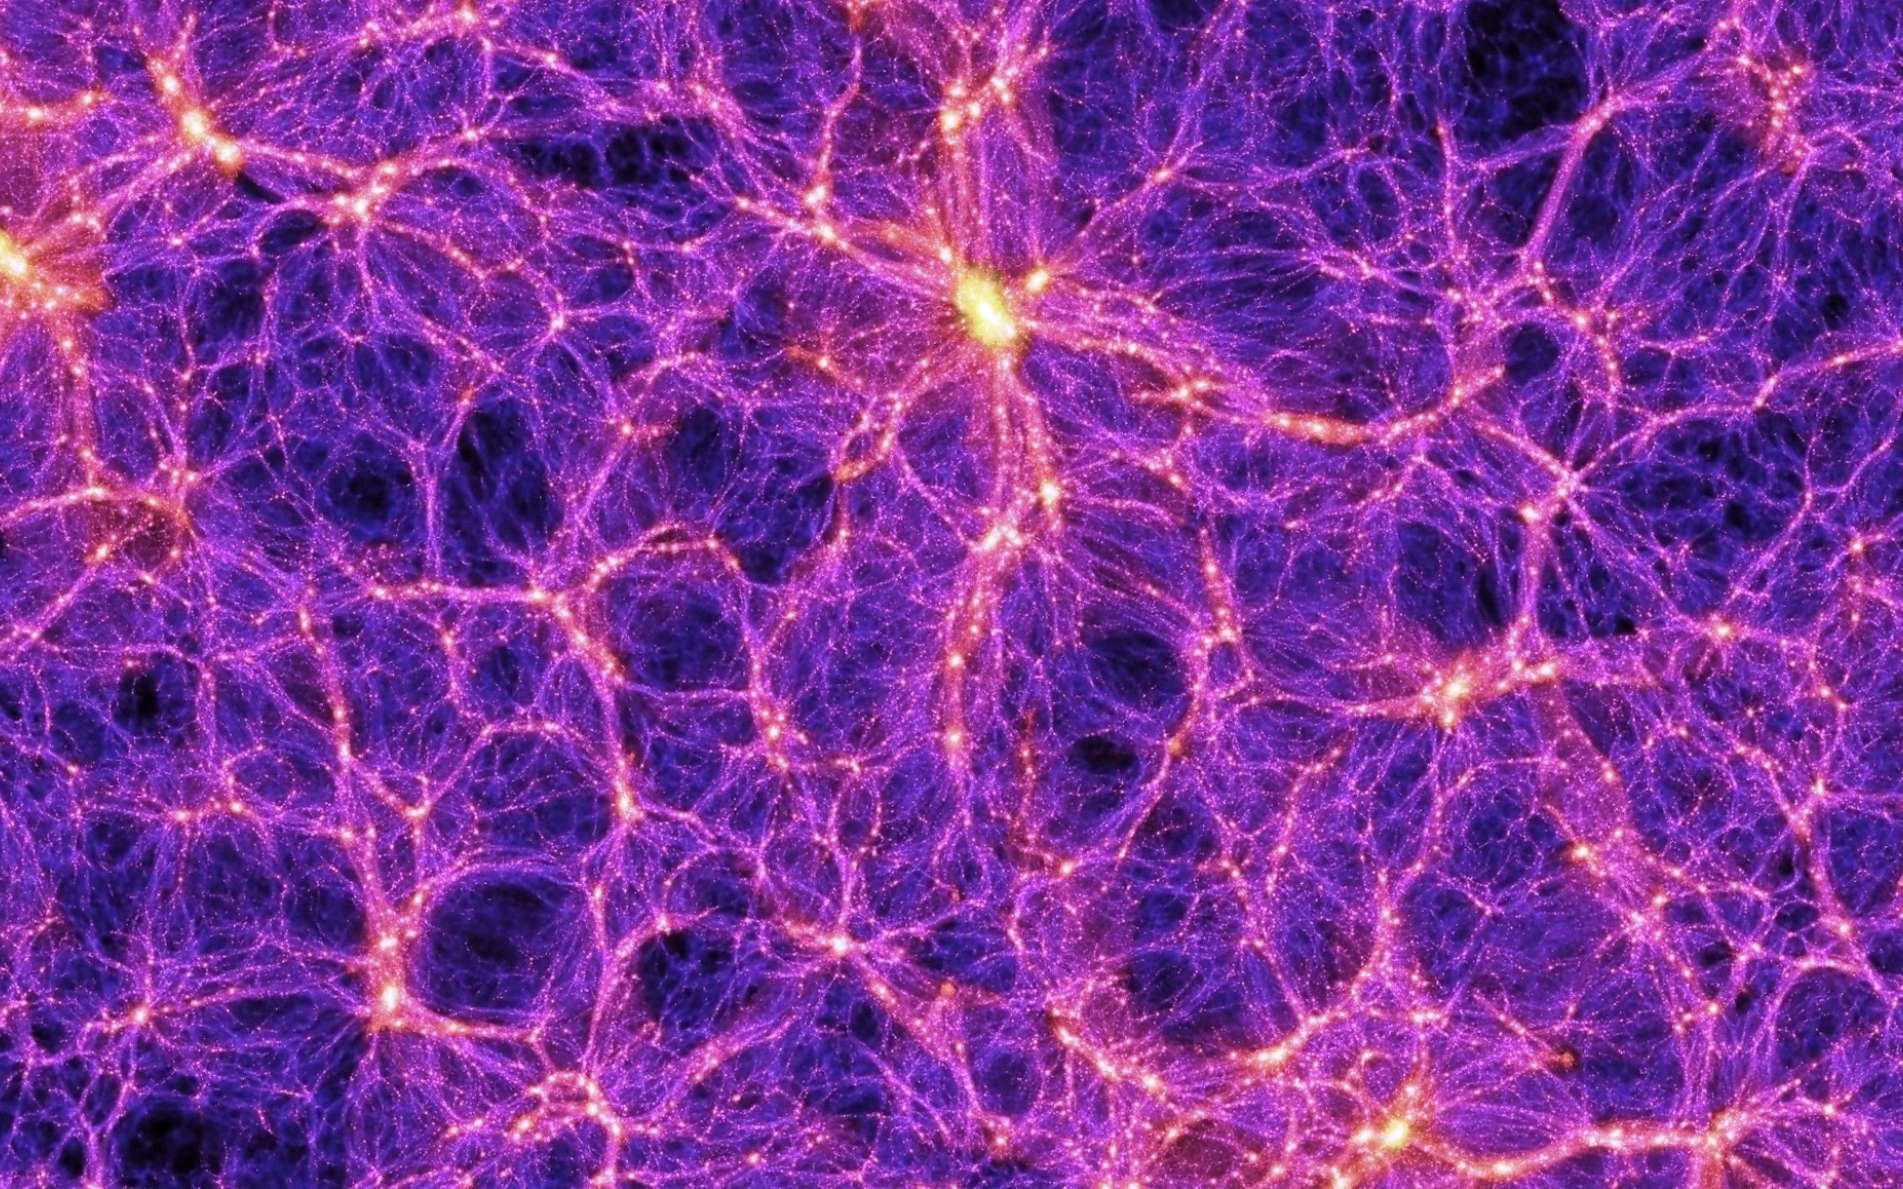 Le Millennium Simulation Project est une suite de simulations numériques faites depuis 2005 pour comprendre comment les galaxies et les amas de galaxies se forment et se rassemblent pour créer, à grande échelle, des structures en forme de filaments. L'image que l'on voit est extraite d'une de ces simulations avec des superordinateurs. Elle est suffisamment précise pour comprendre bien des aspects de l'univers observable en utilisant la théorie de Newton de la gravitation. © Max Planck Institute for Astrophysics, Springel et al.